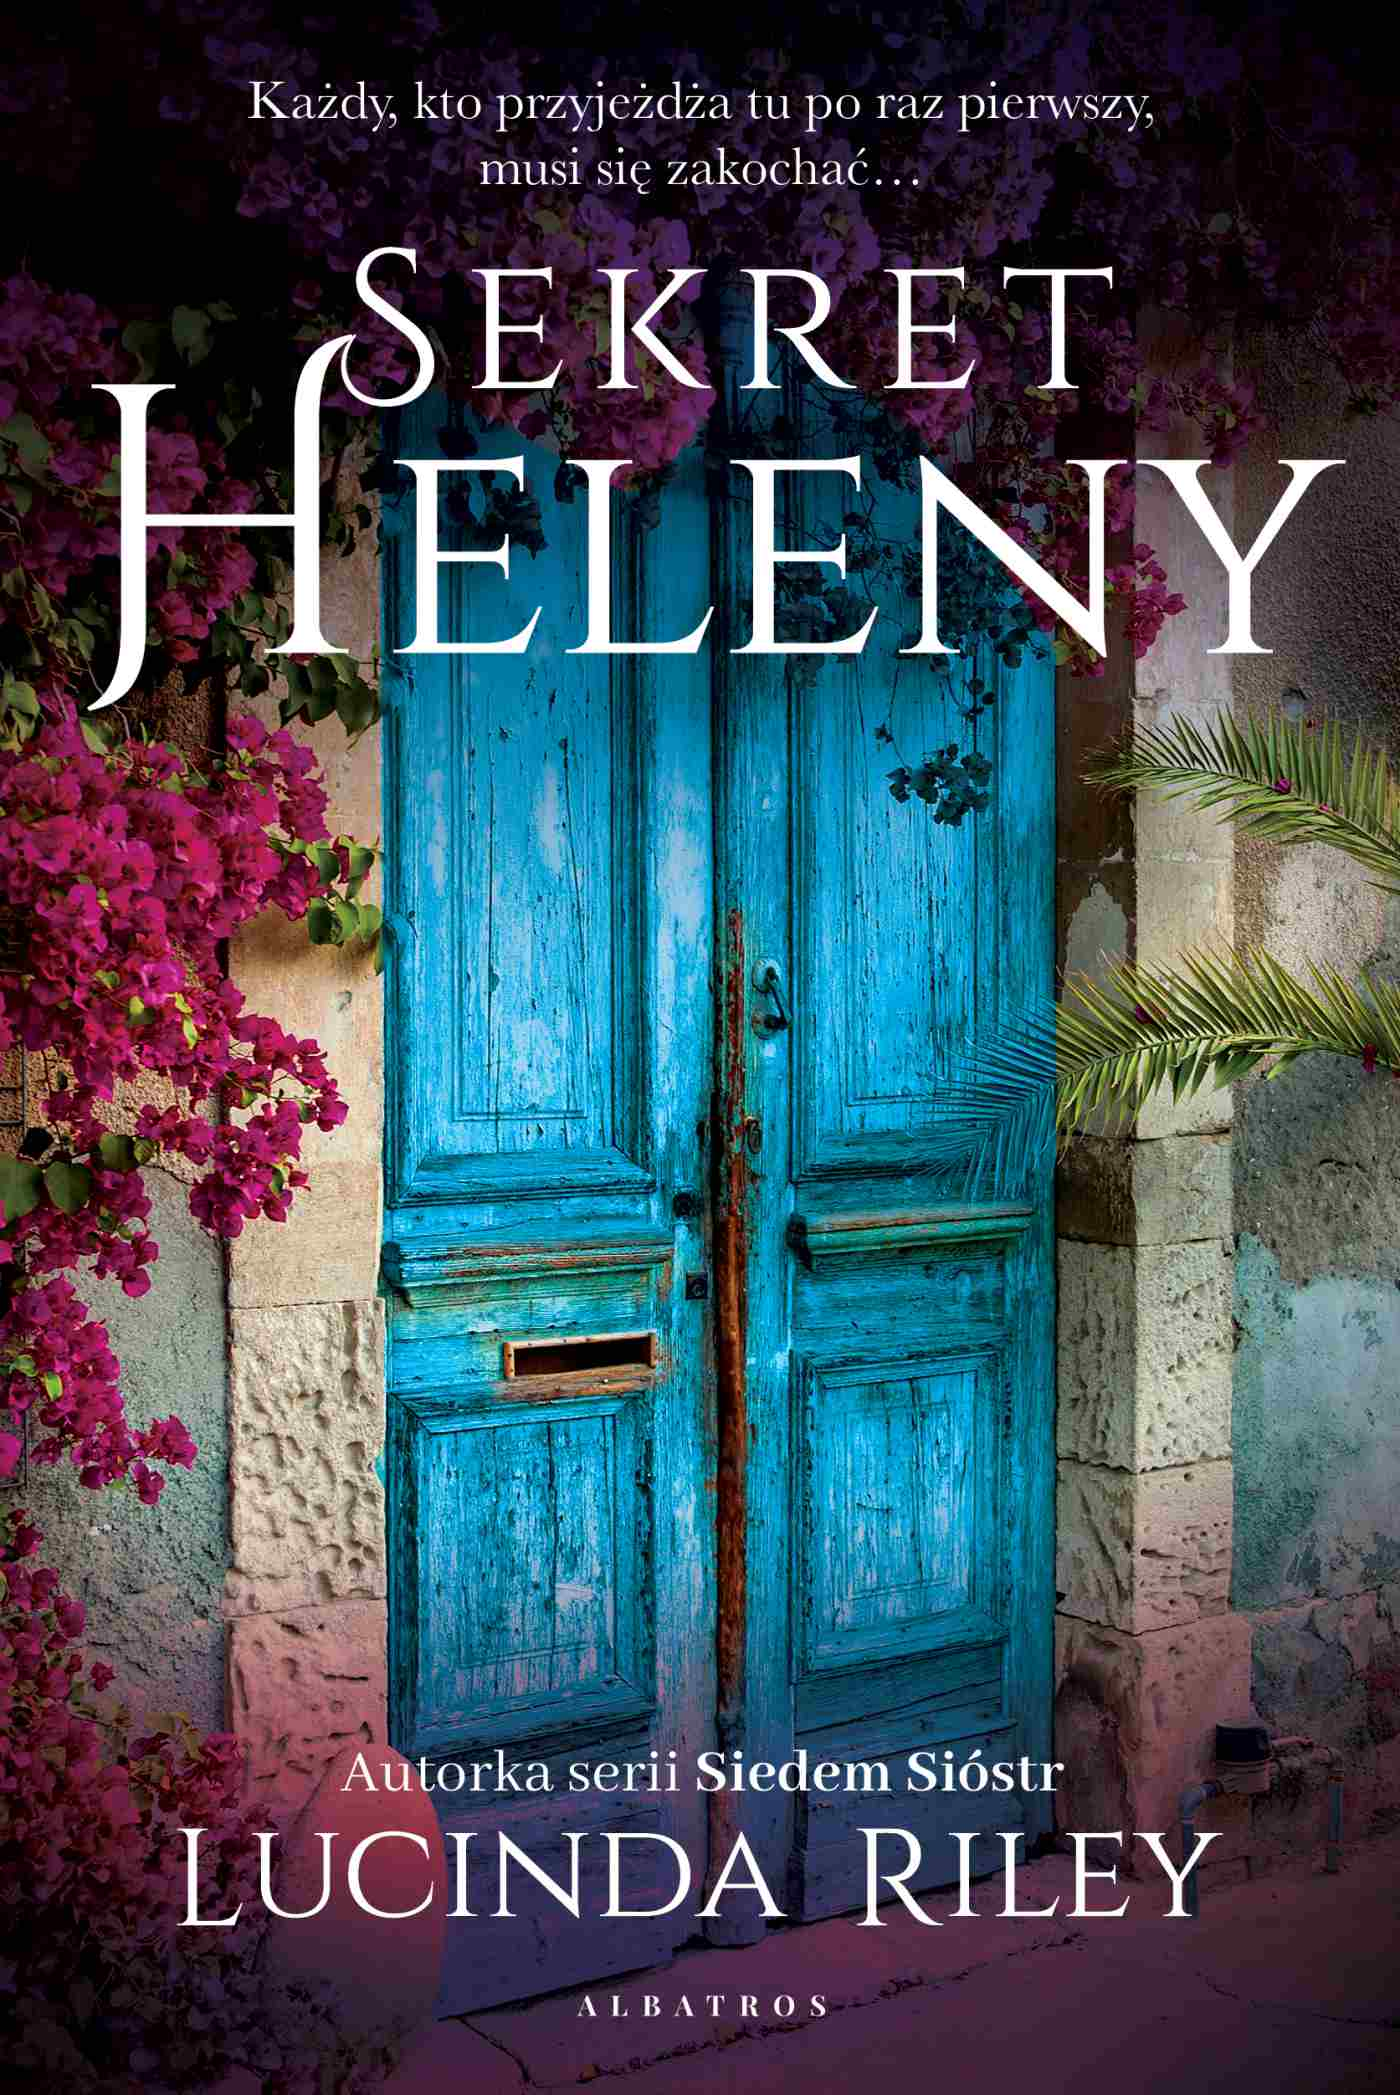 Sekret Heleny - Ebook (Książka EPUB) do pobrania w formacie EPUB